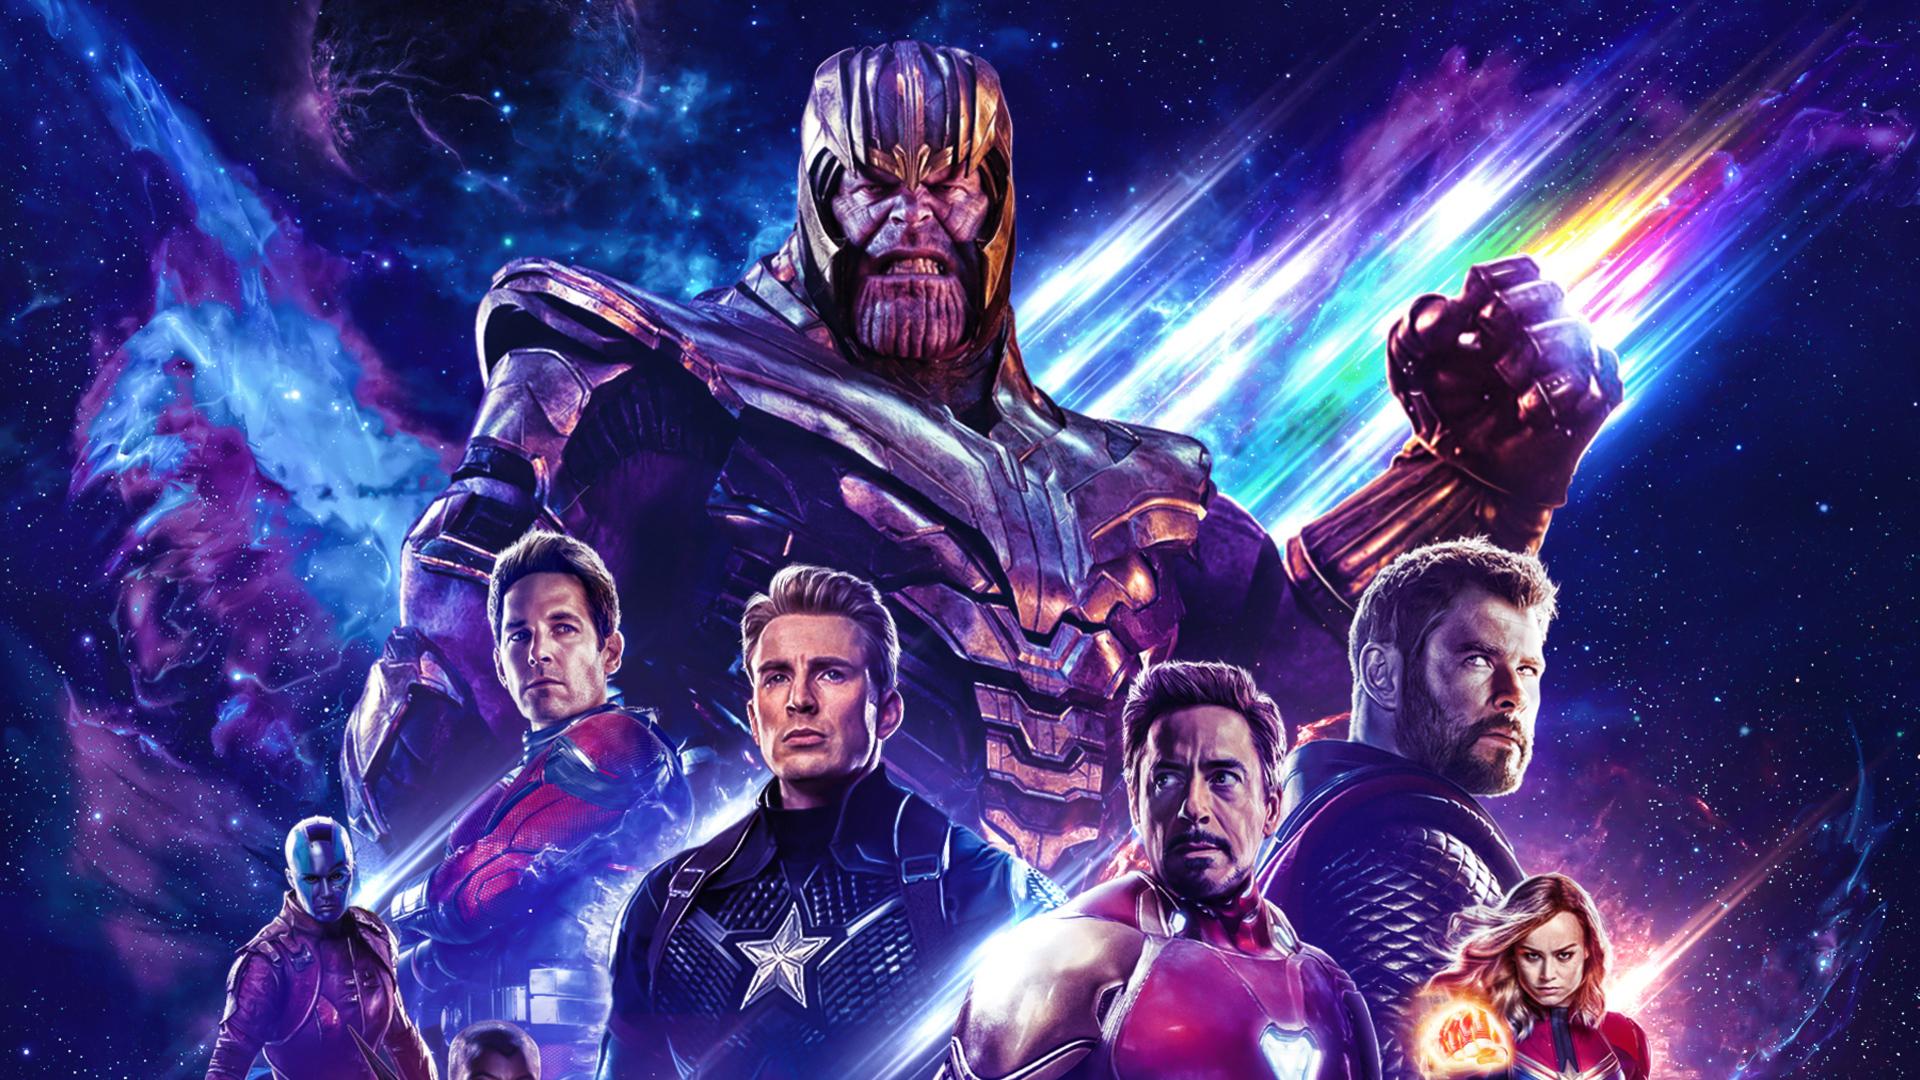 1920x1080 Poster Avengers Endgame Laptop Full Hd 1080p Hd 4k